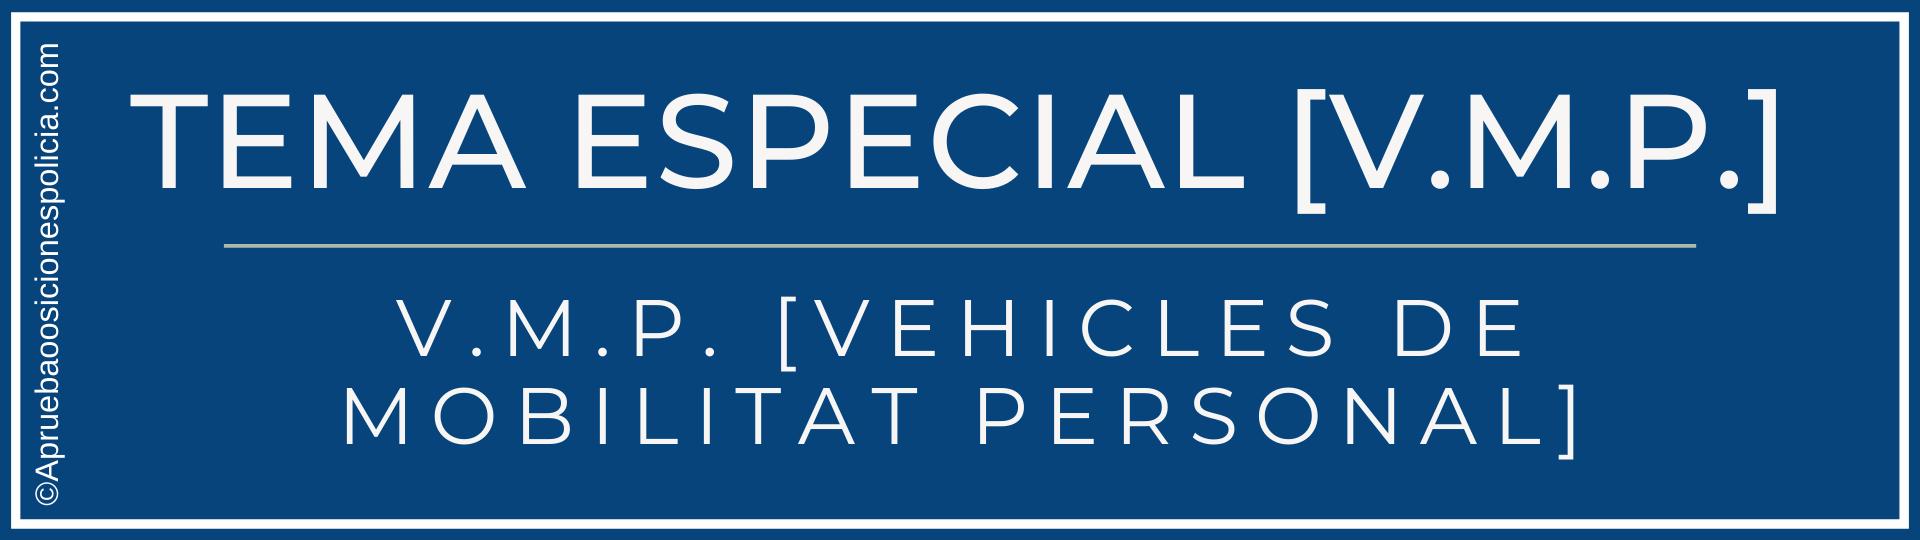 vehículos movilidad especial VMP